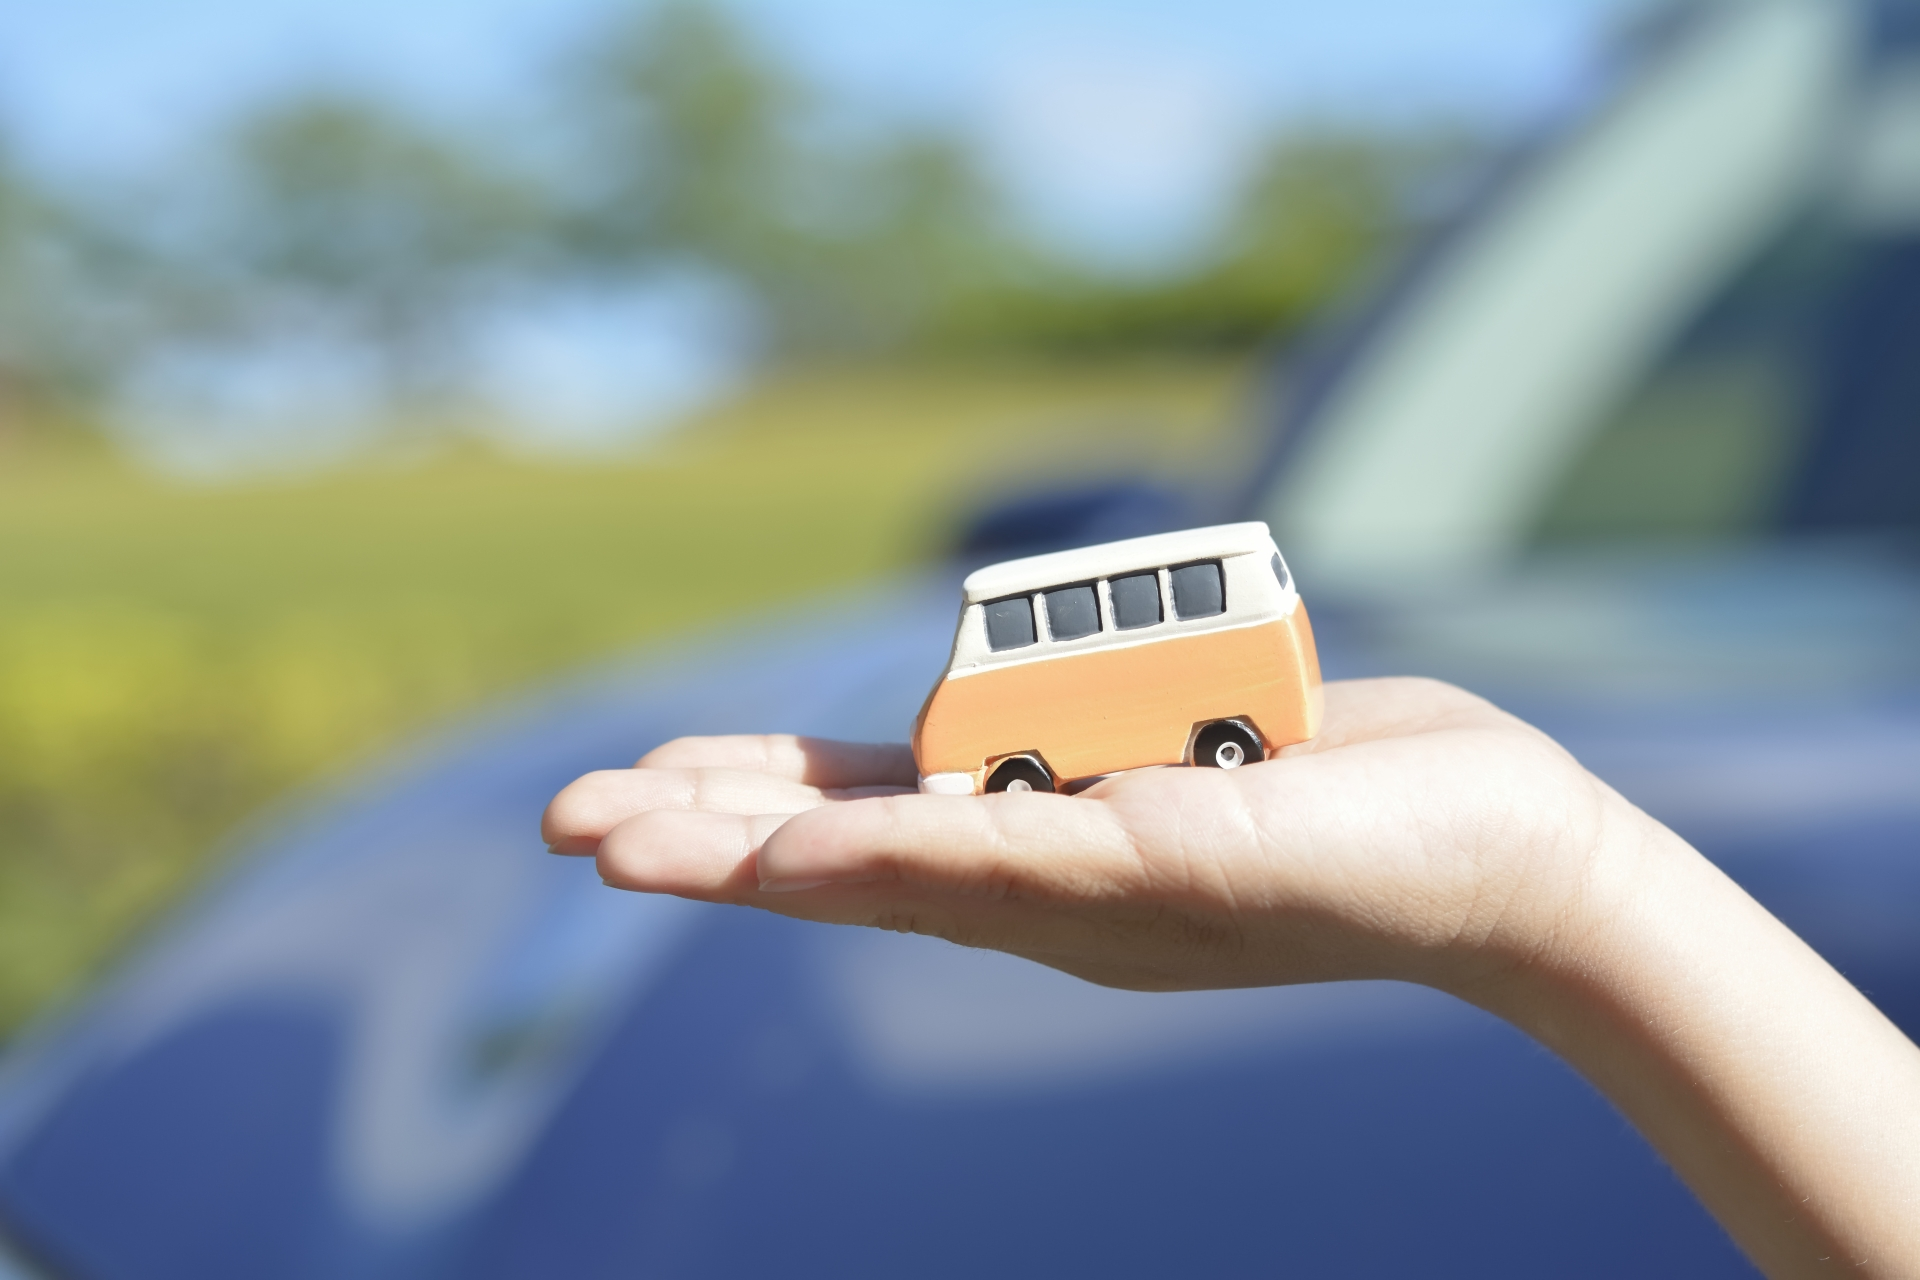 首都圏の子育て世代はどのように車を使っているのか — Anycaが実態調査を実施